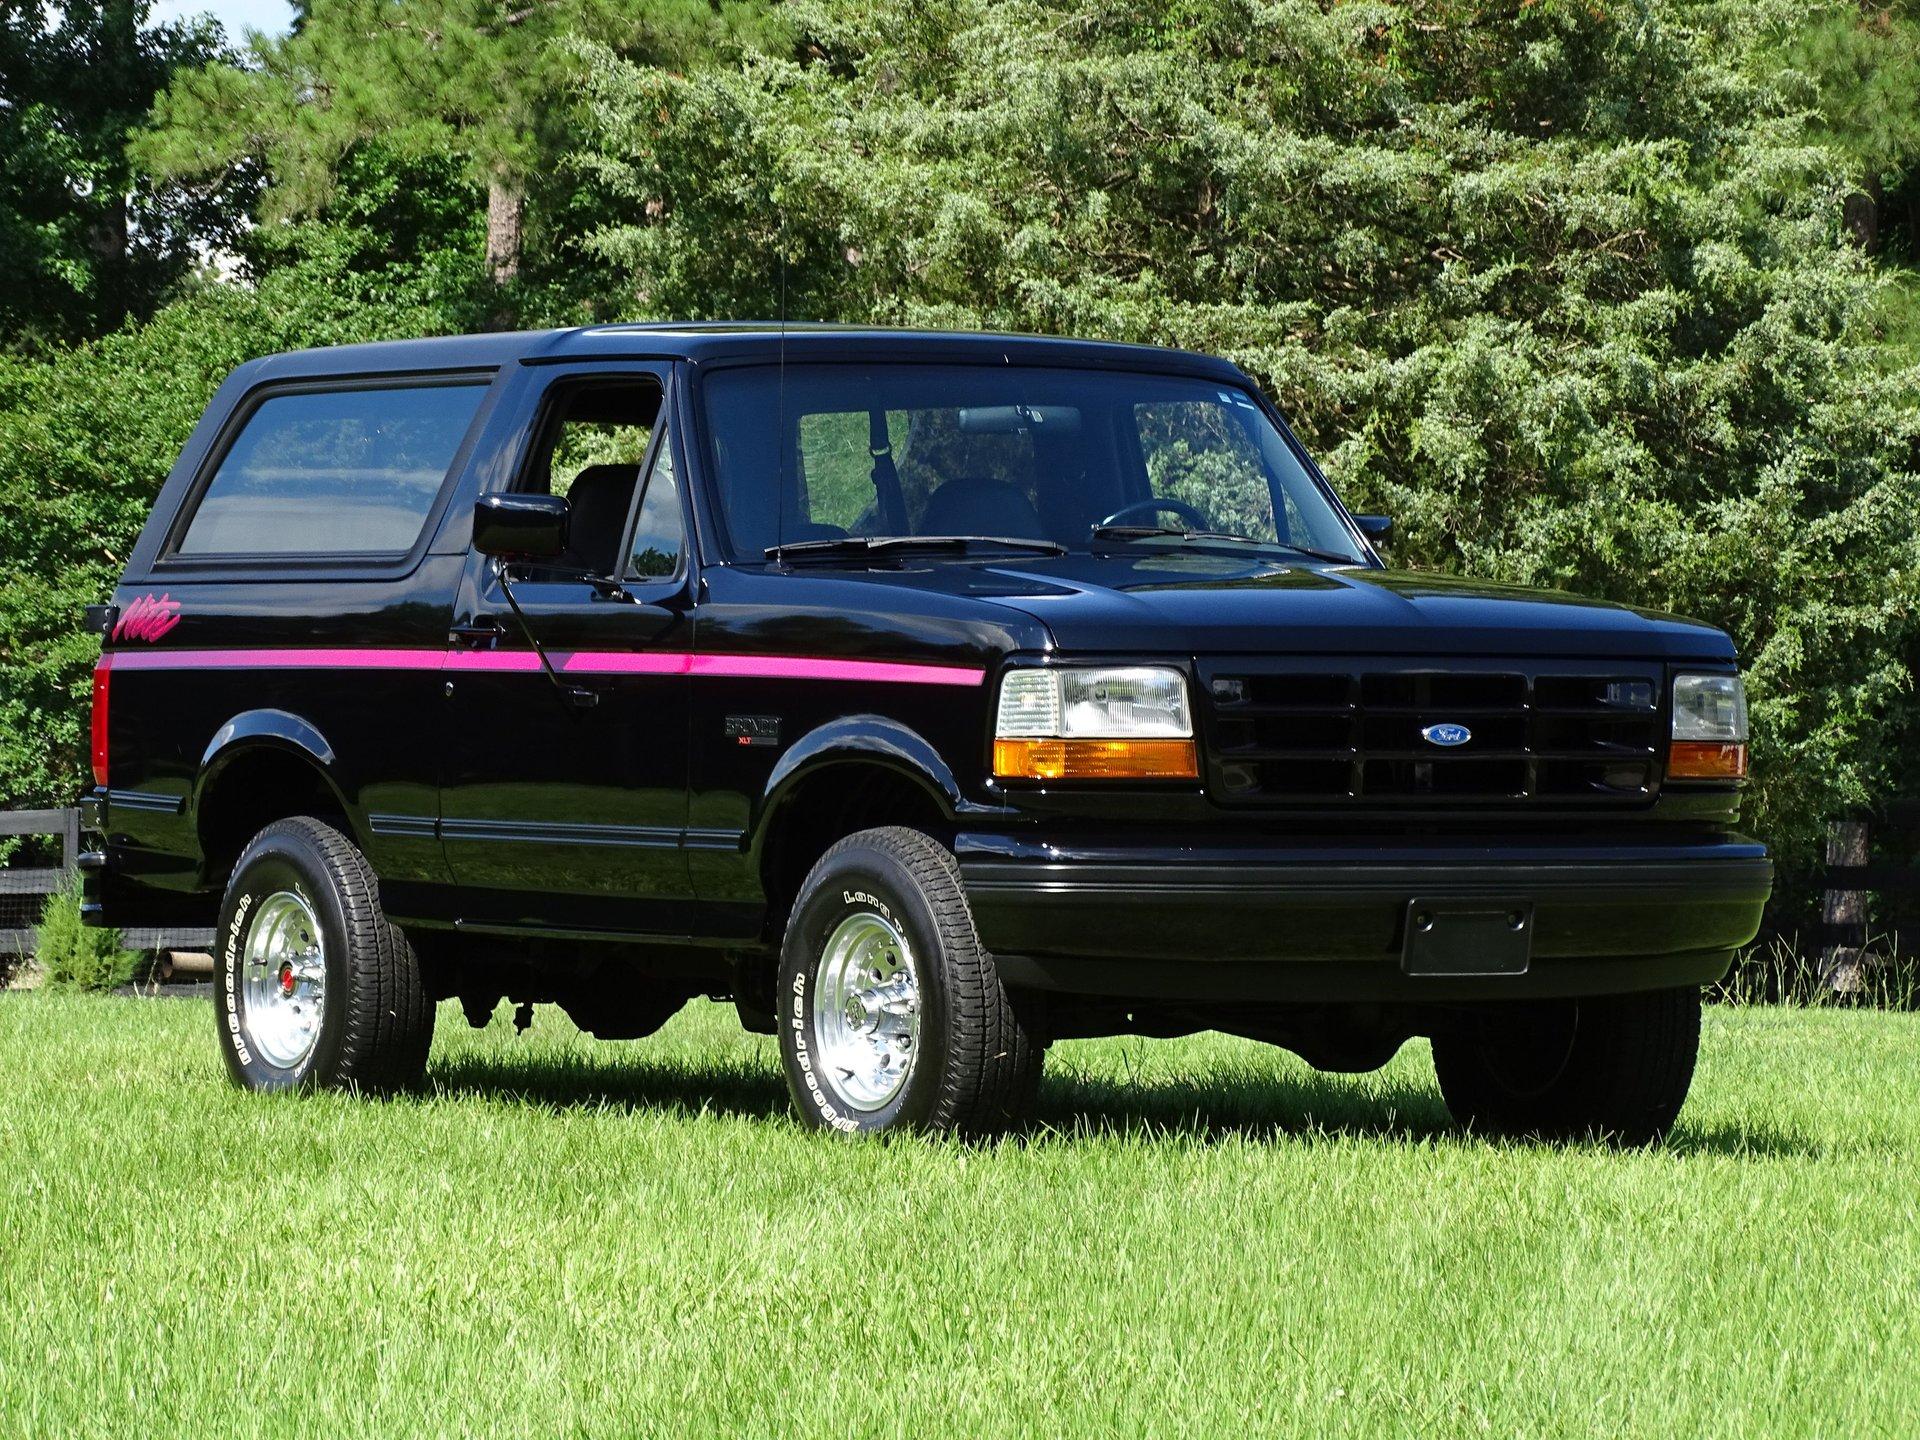 1992 ford bronco nite edition